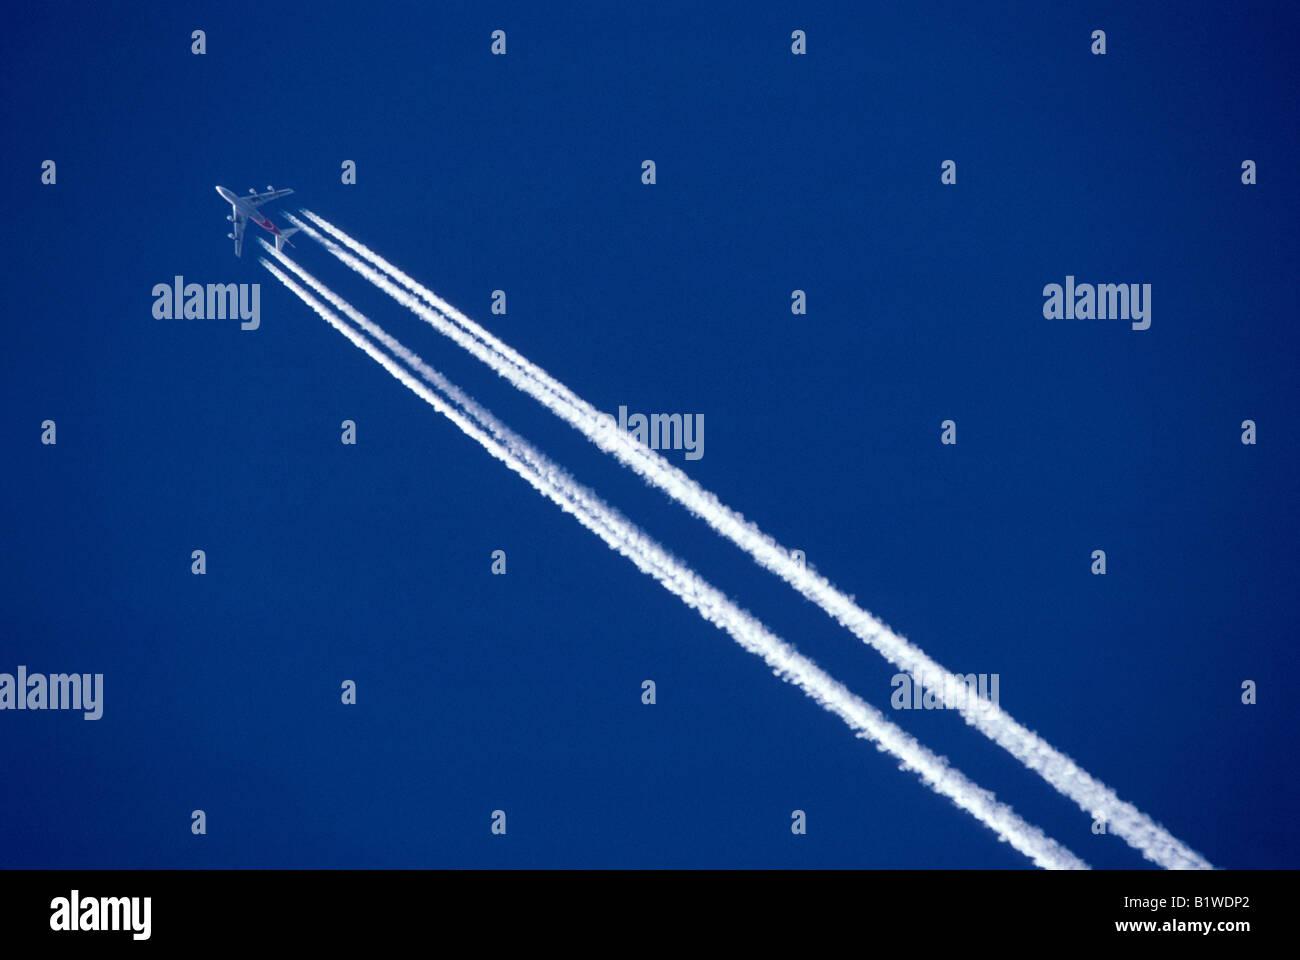 Getto di vapore con il sentiero delle emissioni di biossido di carbonio trace de la condensazione d onu avion Jet Immagini Stock